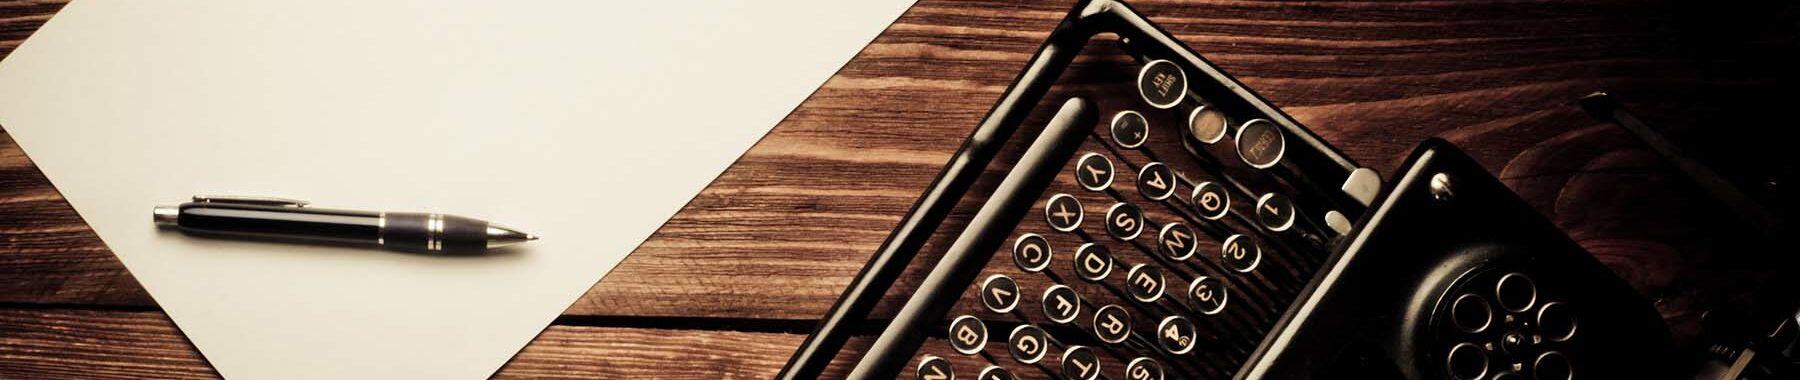 Eine alte Schreibmaschine mit Blatt auf Holz zur Bebilderung von Interviews, die Paartherapeutin Julia Bellabarba mit Zeitungen geführt hat